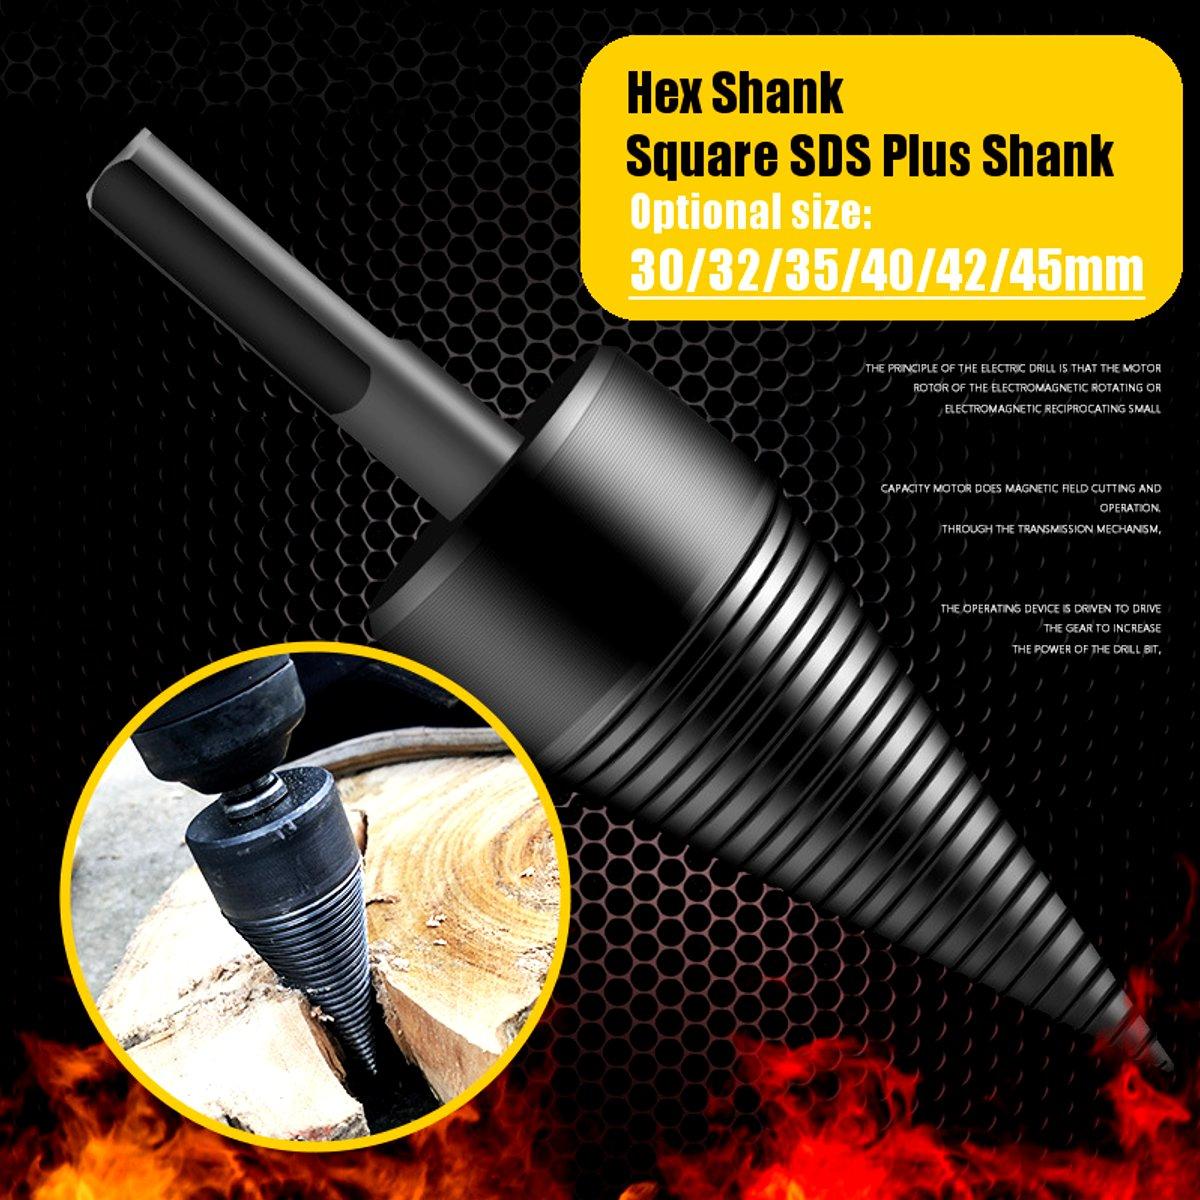 30/35/40/42/45/50mm Firewood Splitter Machine Drill Wood Cone Reamer Punch Driver Drill Bit Split Drilling Tools